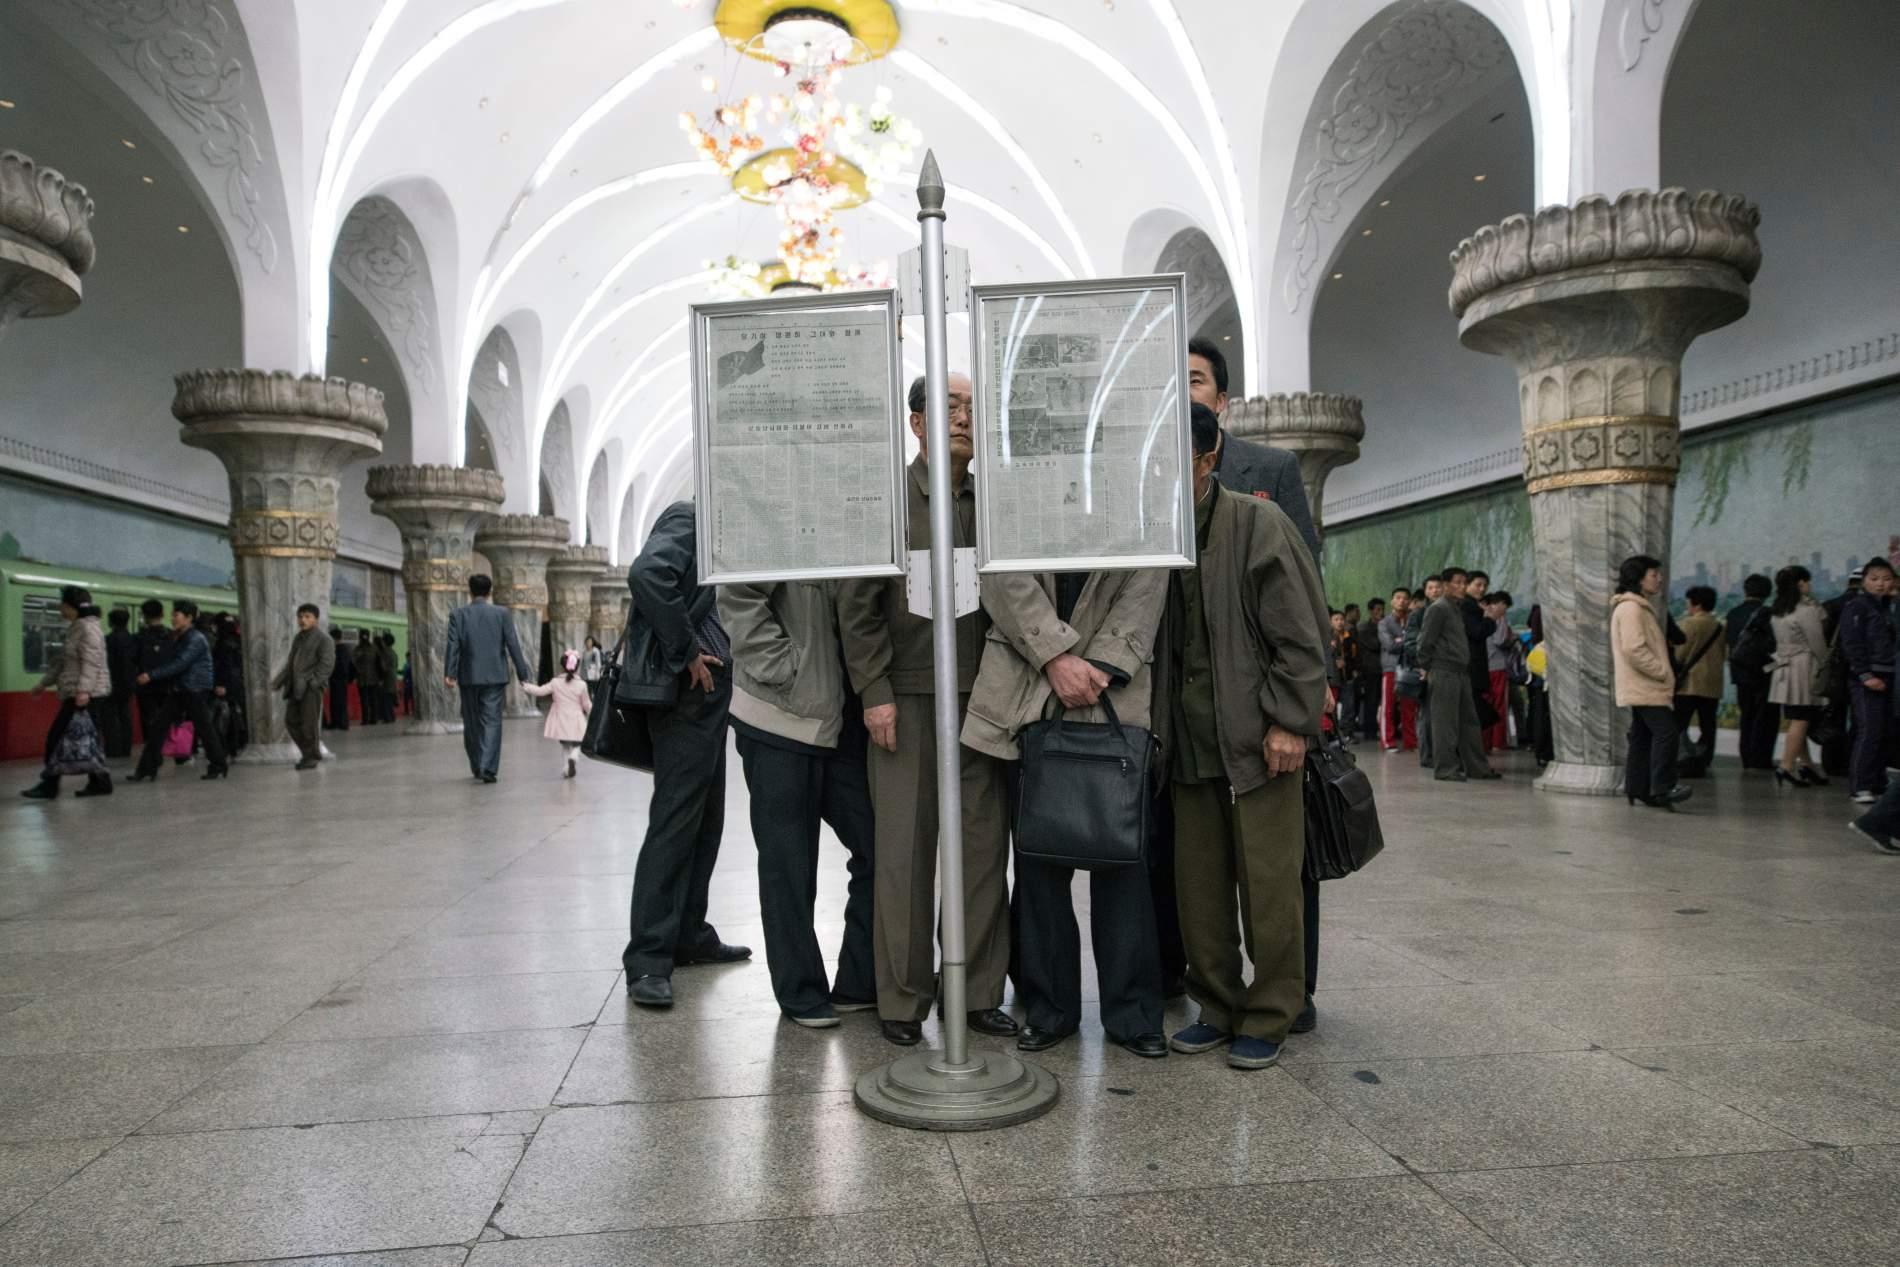 Cómo viajar a Corea del Norte: de argentina a Pyongyang